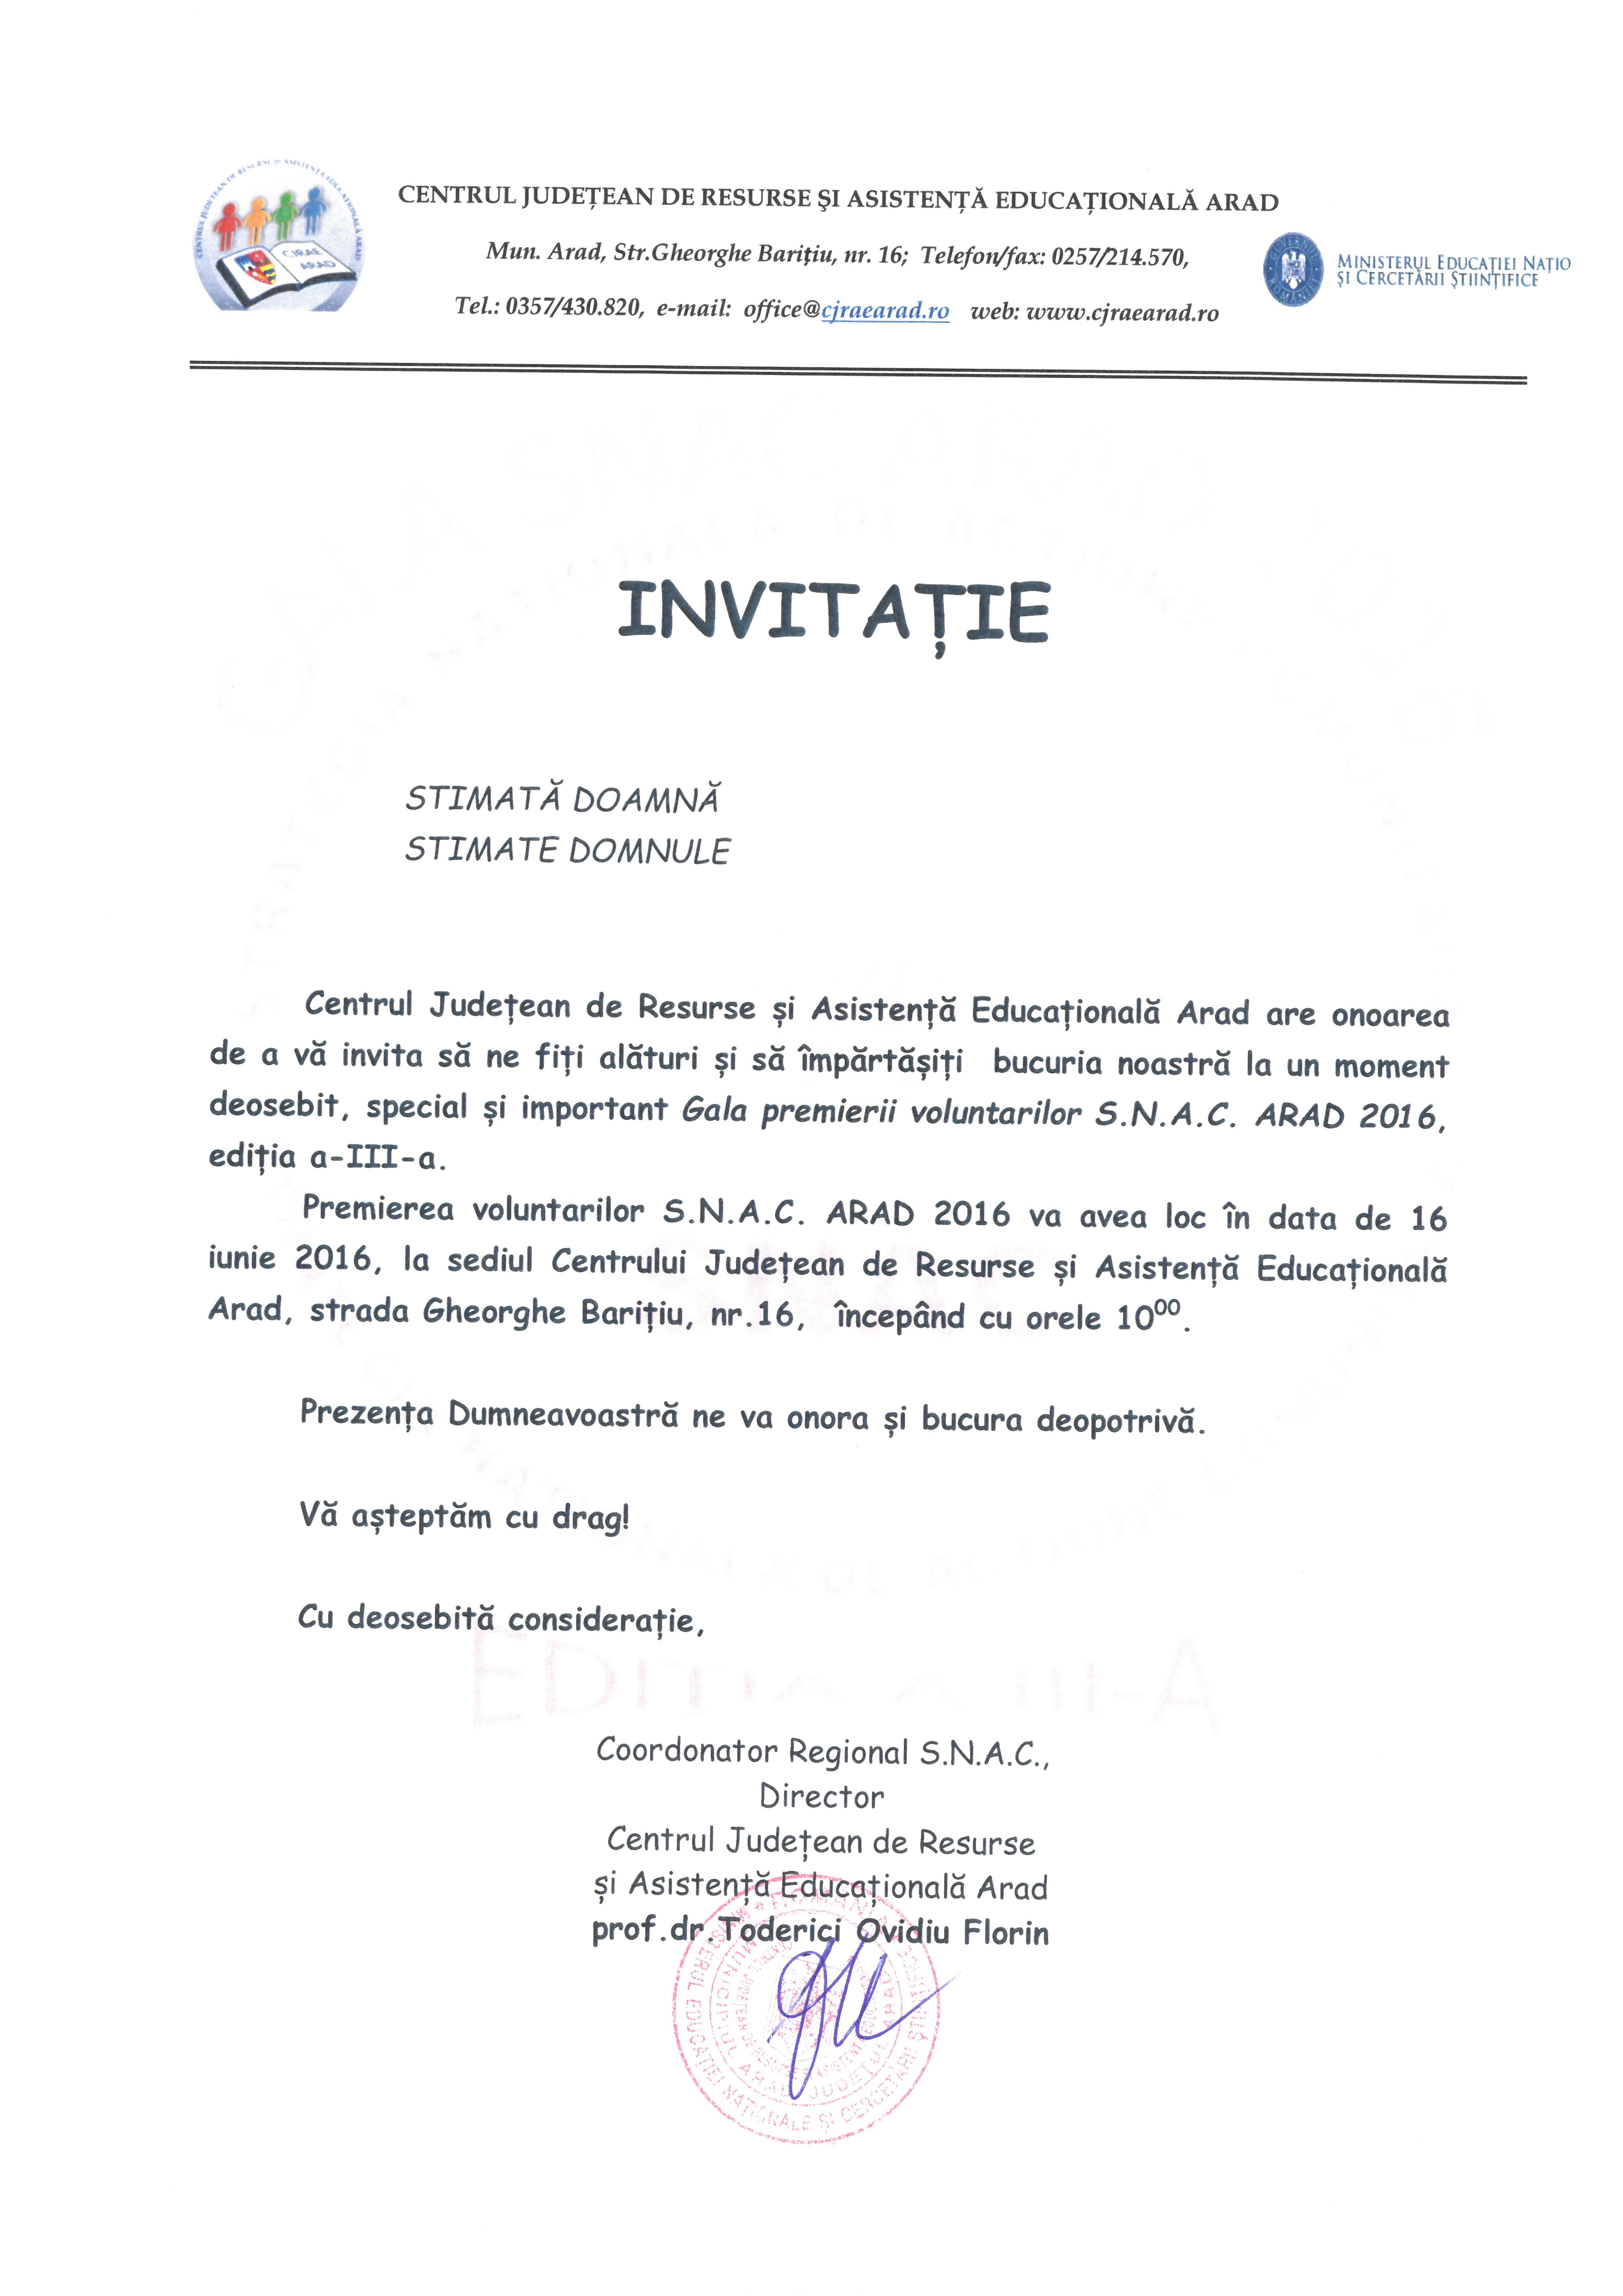 Invitatie S.N.A.C